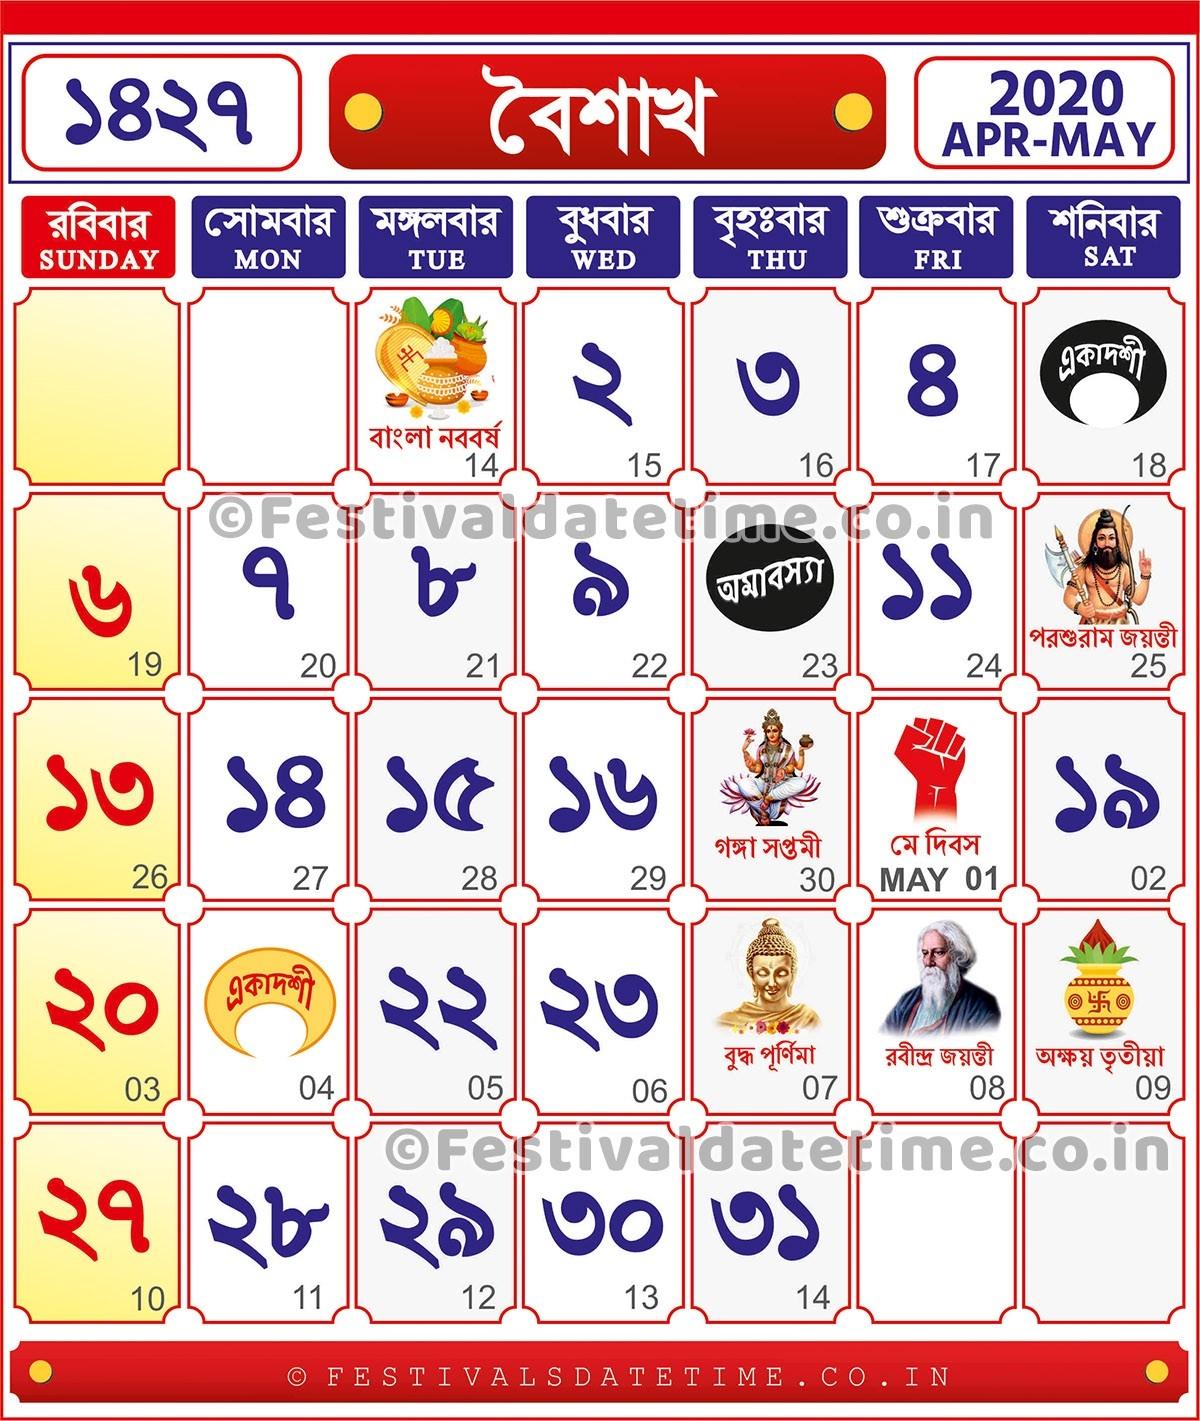 1427 Bengali Calendar - Baisakh 1427, 2020 & 2021 Bengali-January 2020 Hindu Calendar